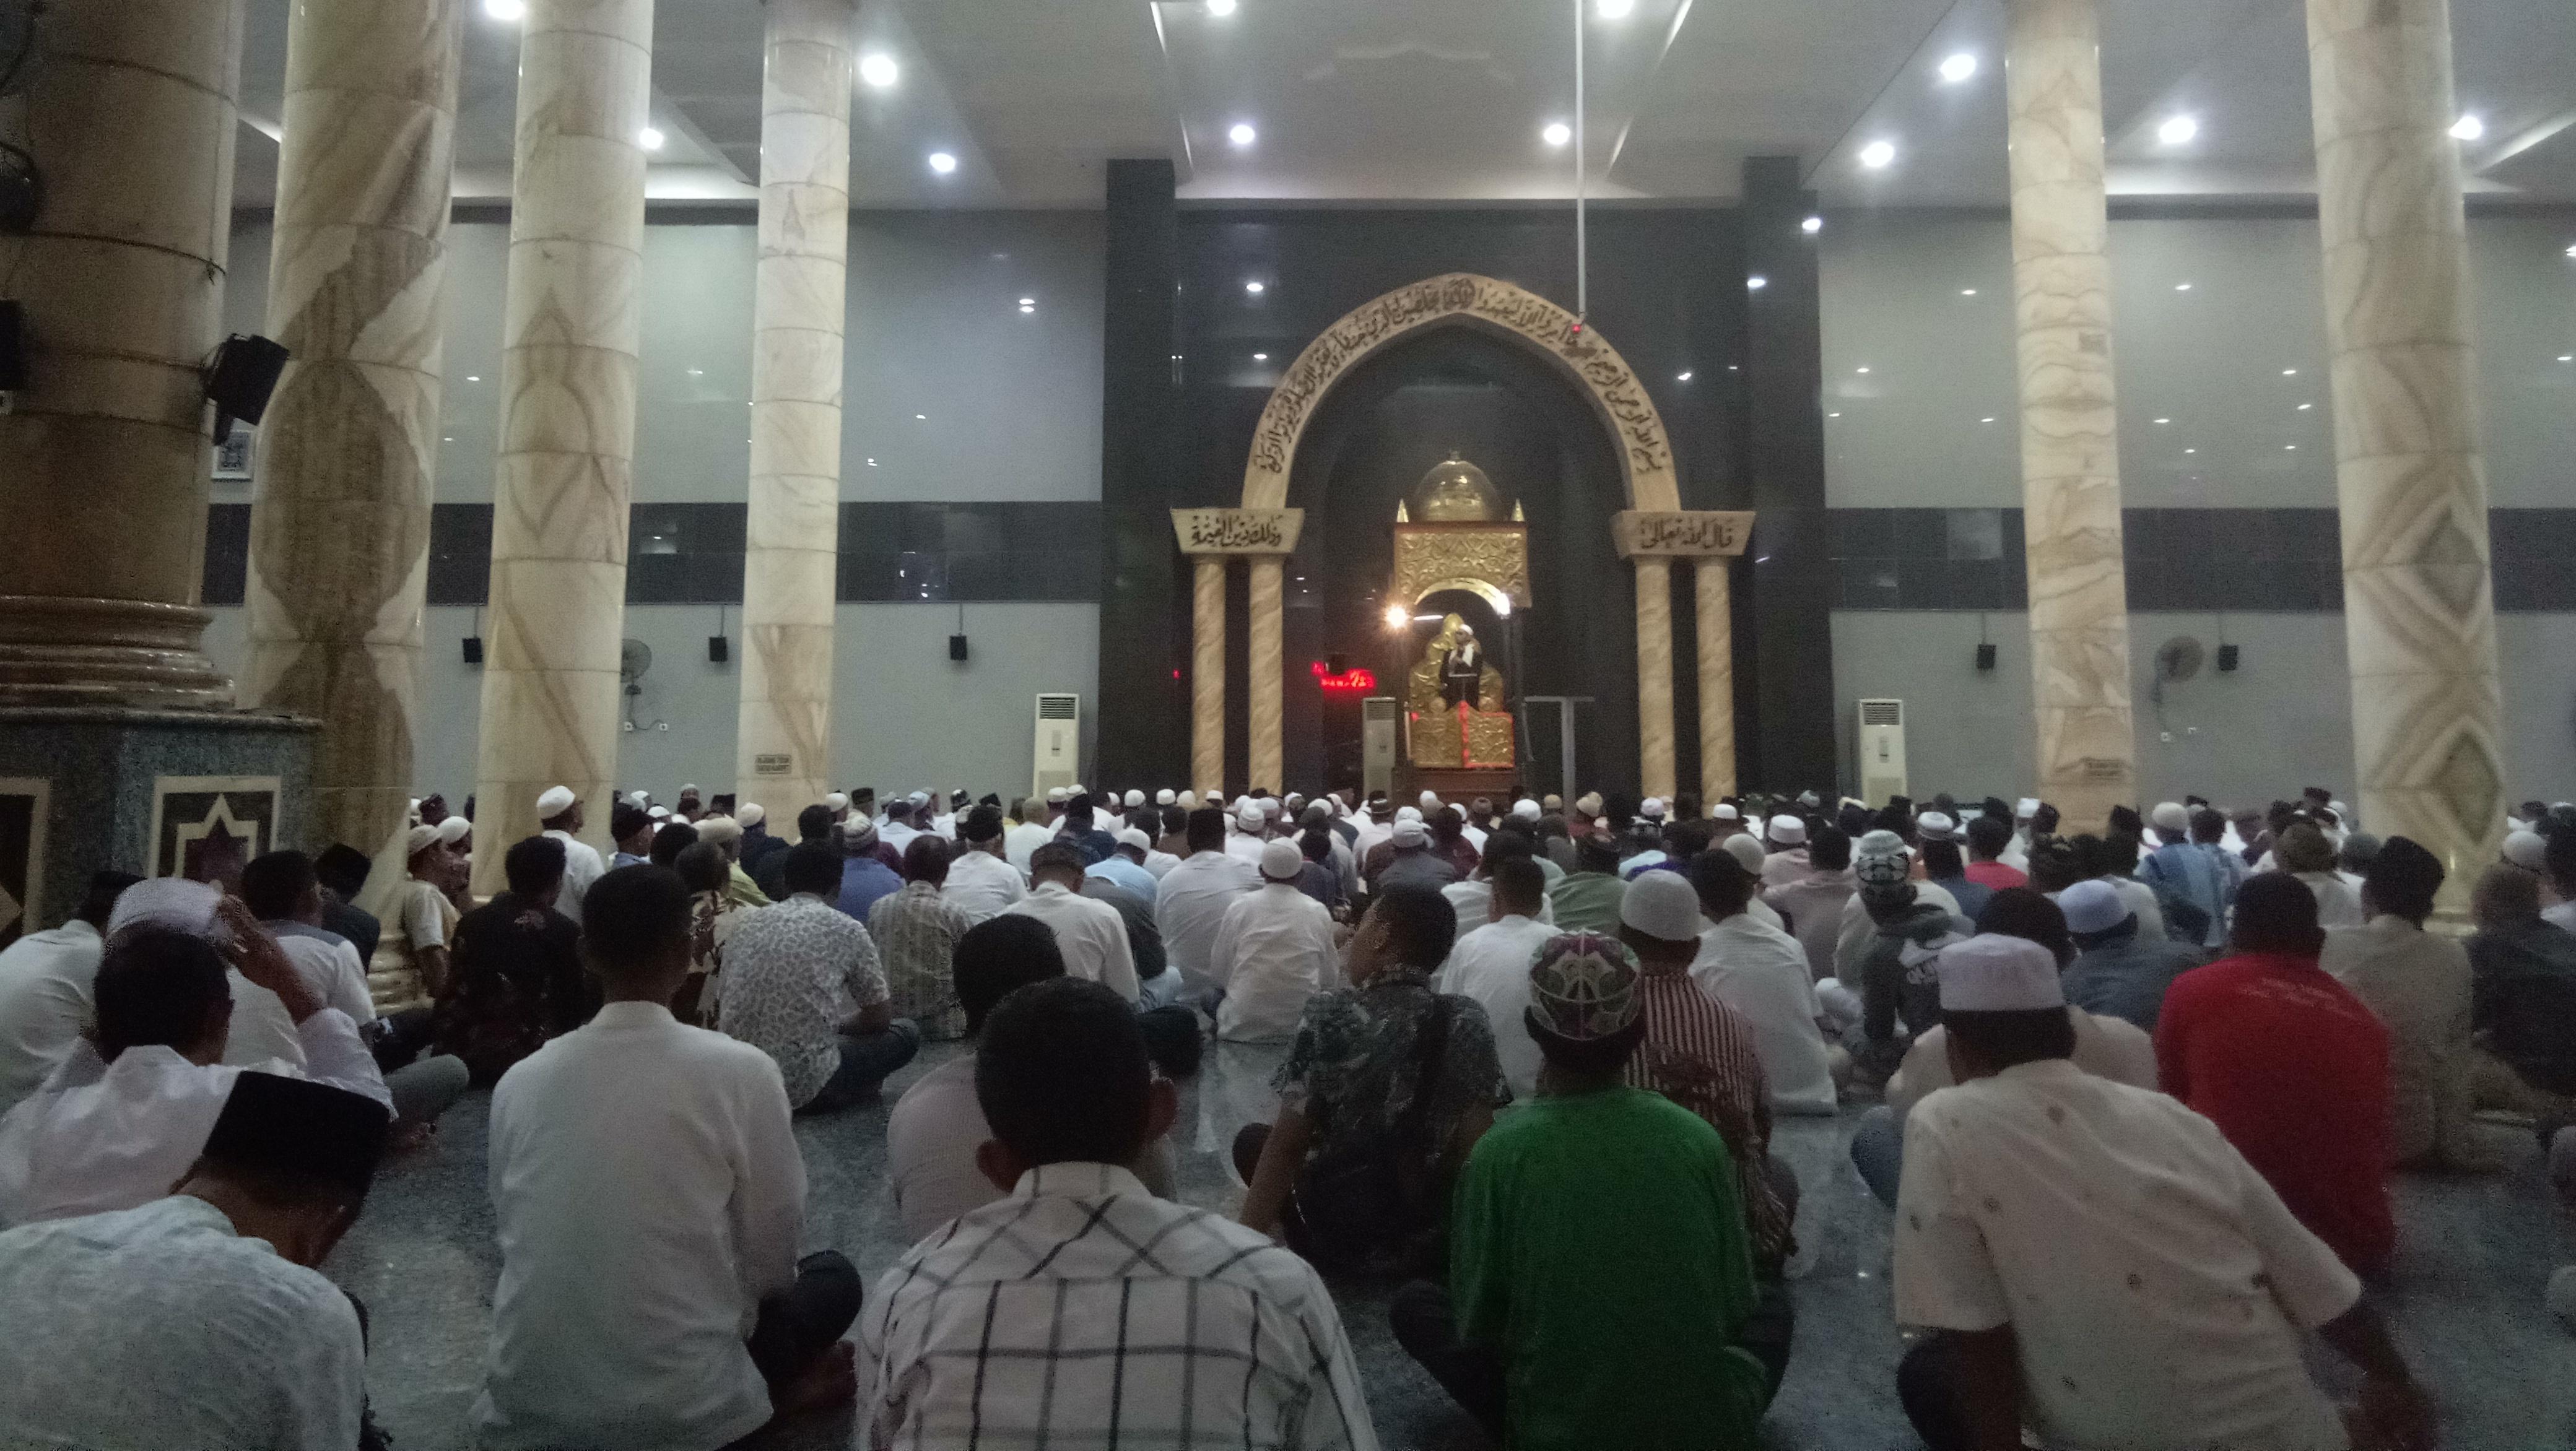 Ribuan Warga Muslim Ambon Sholat Gerhana Masjid Al Fatah Serambi